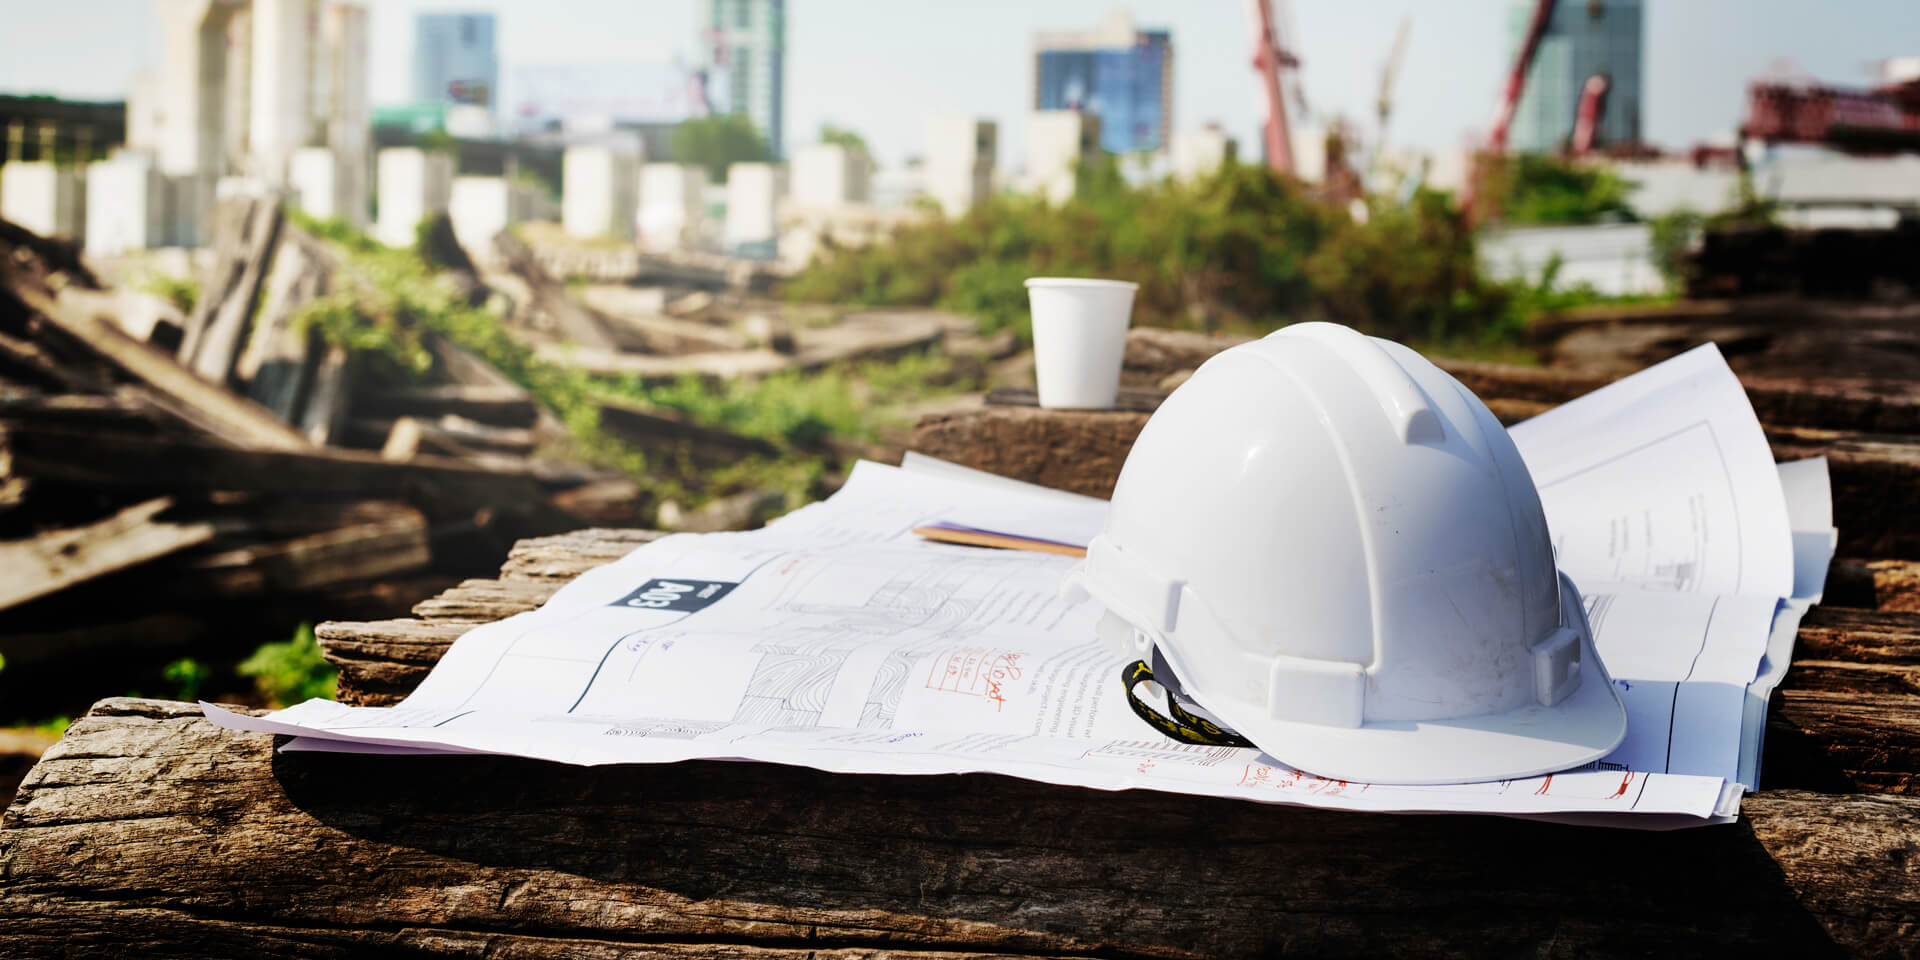 Área de construção predial